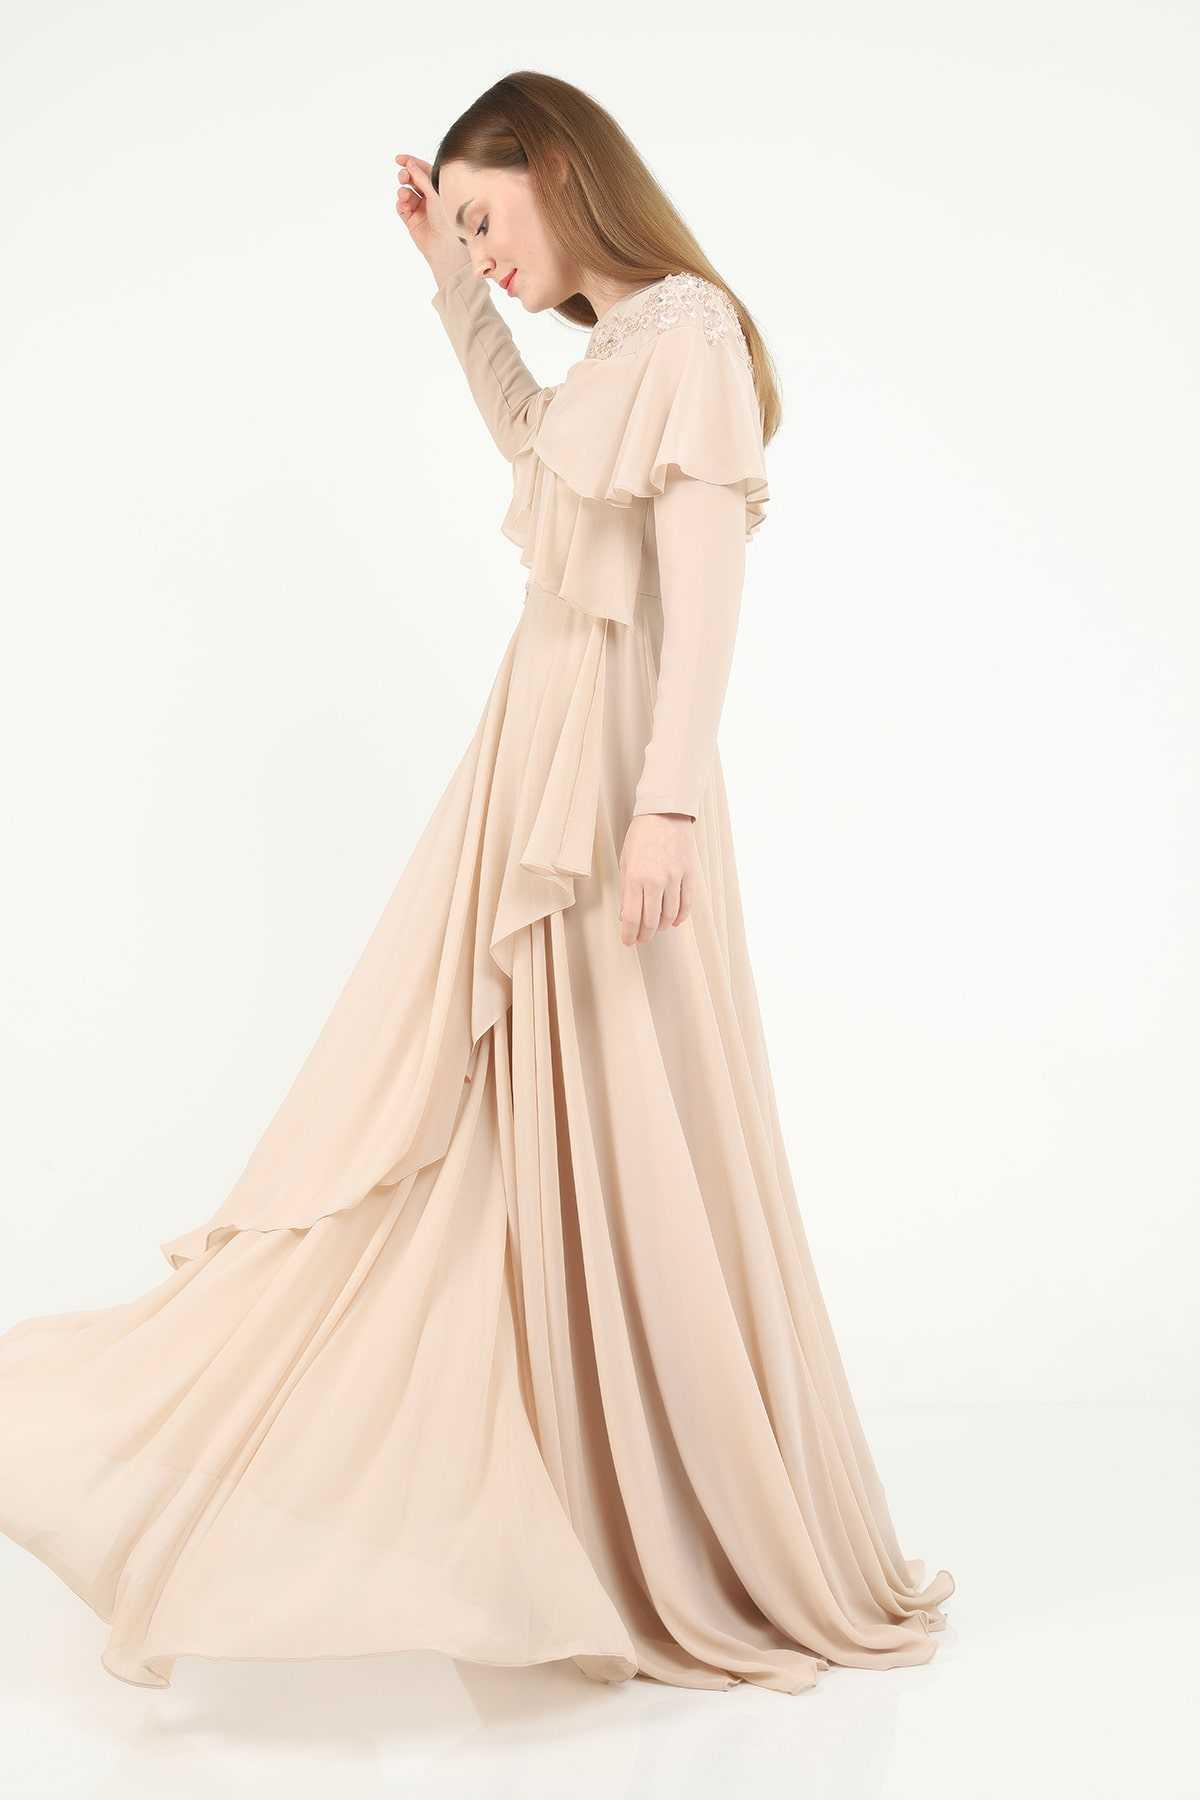 Three's İşlemeli Boncuk Abiye Elbise Modelleri